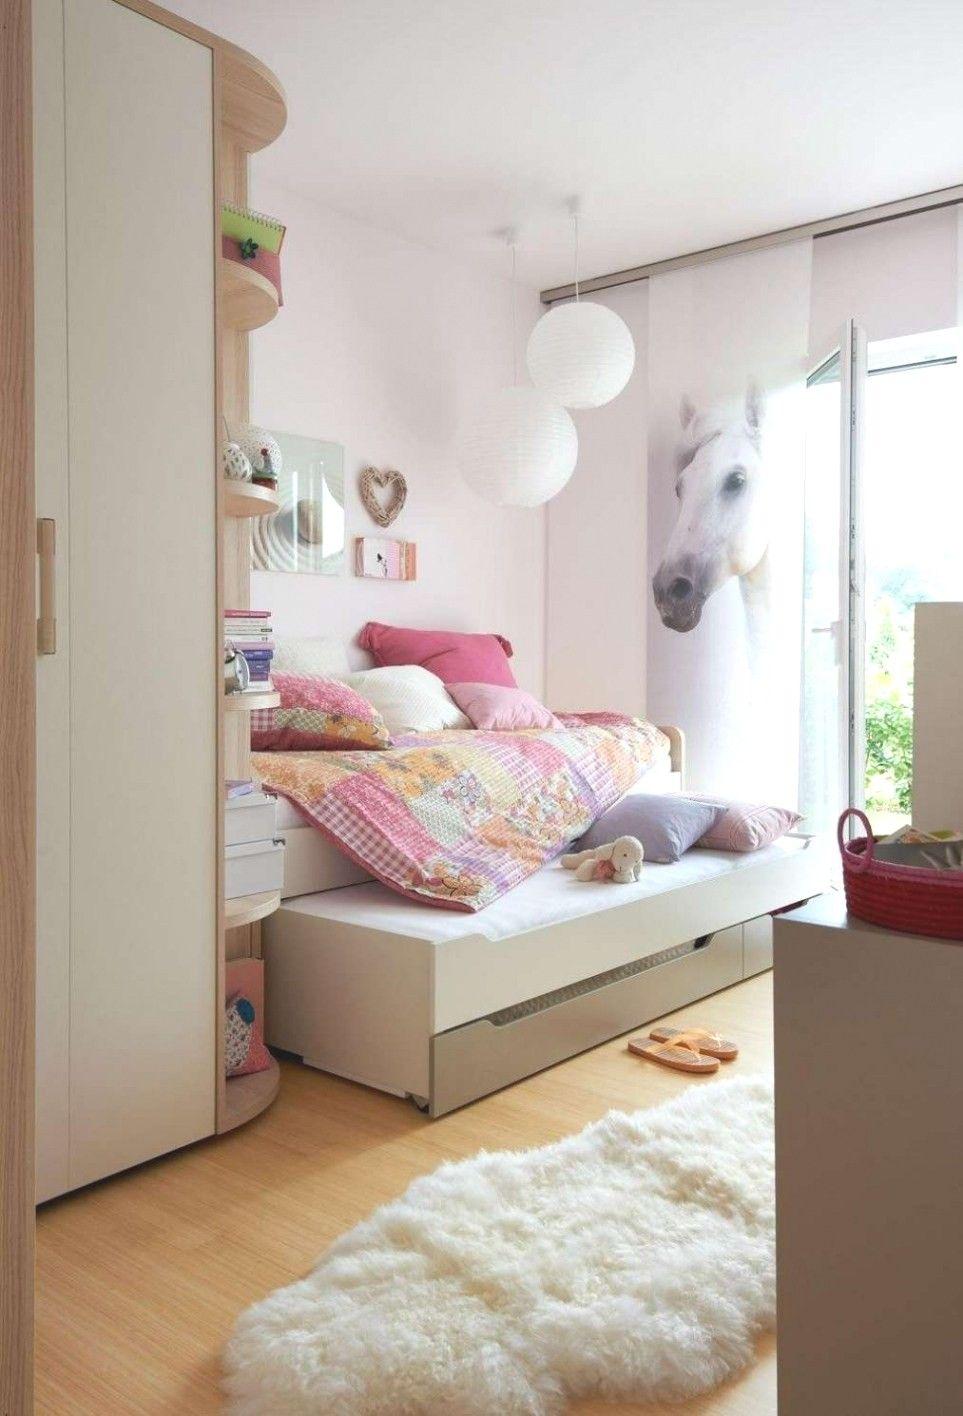 Schlafzimmer 9 Qm Einrichten Kleines Innerhalb Kinderzimmer 8